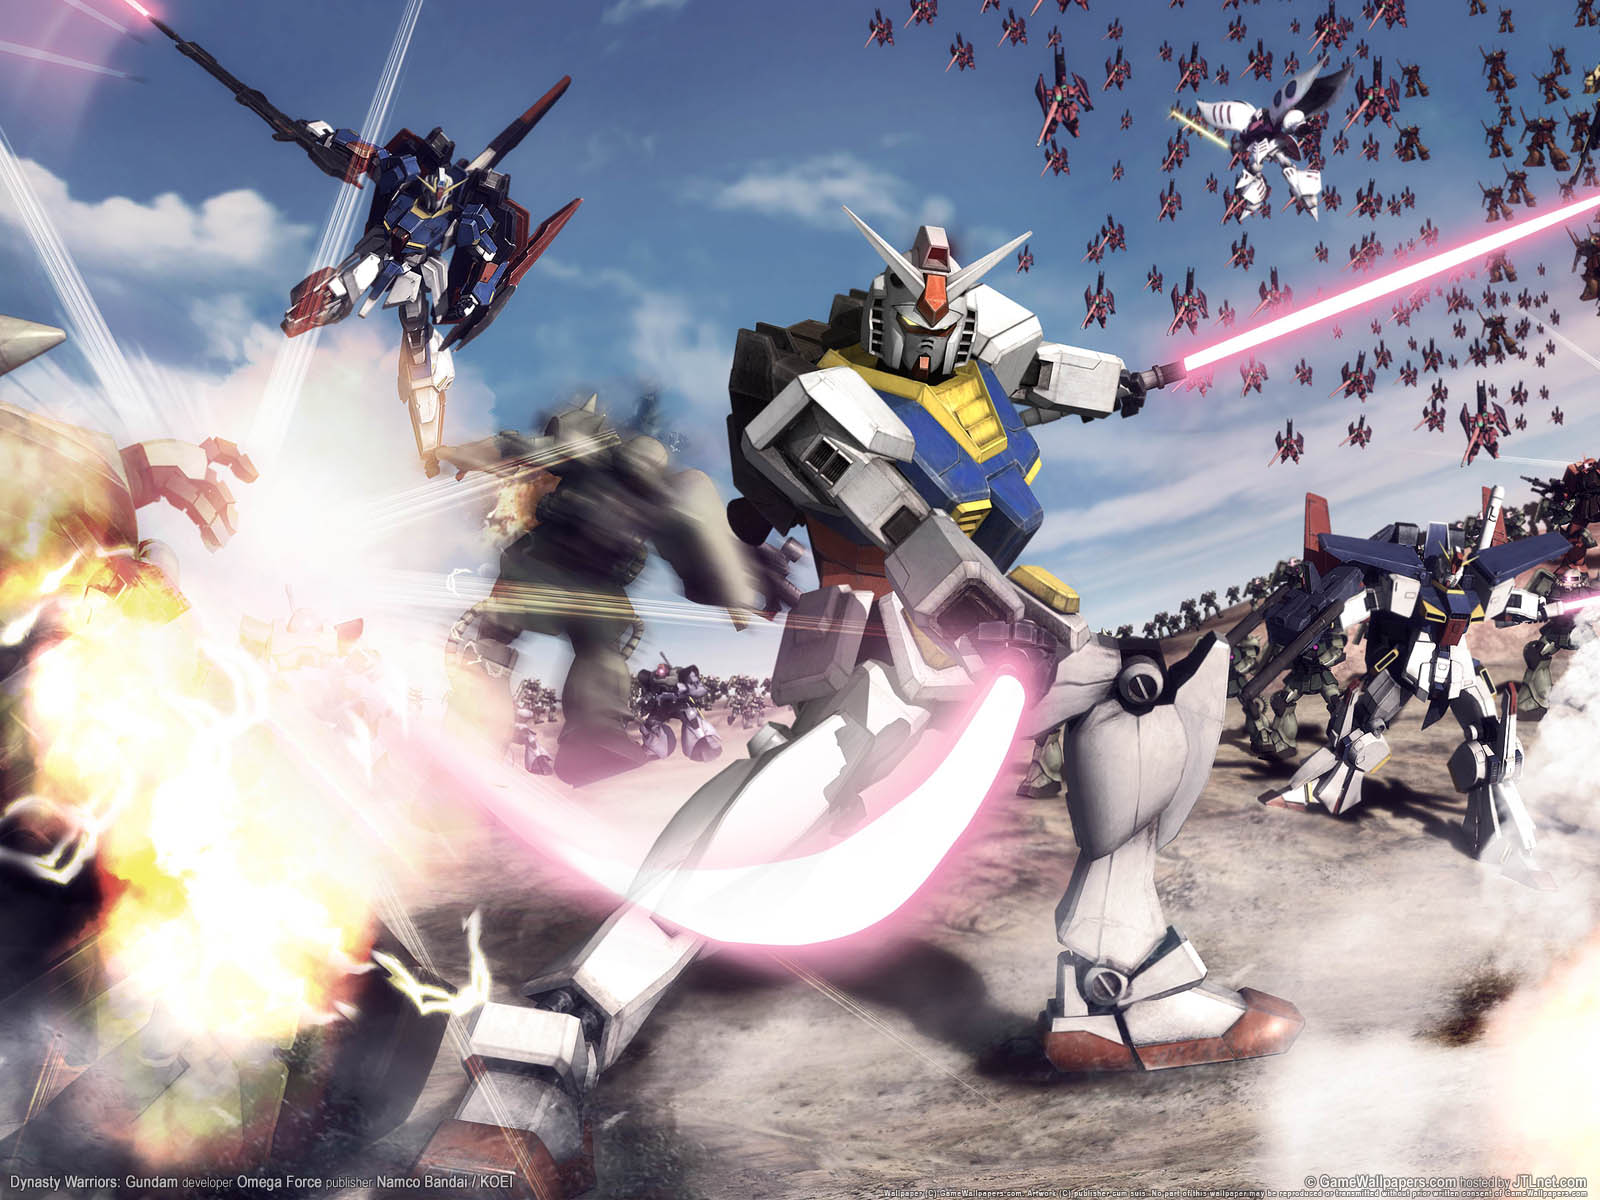 Kinds of wallpapers gundam wallpaper - Gundam wallpaper hd ...